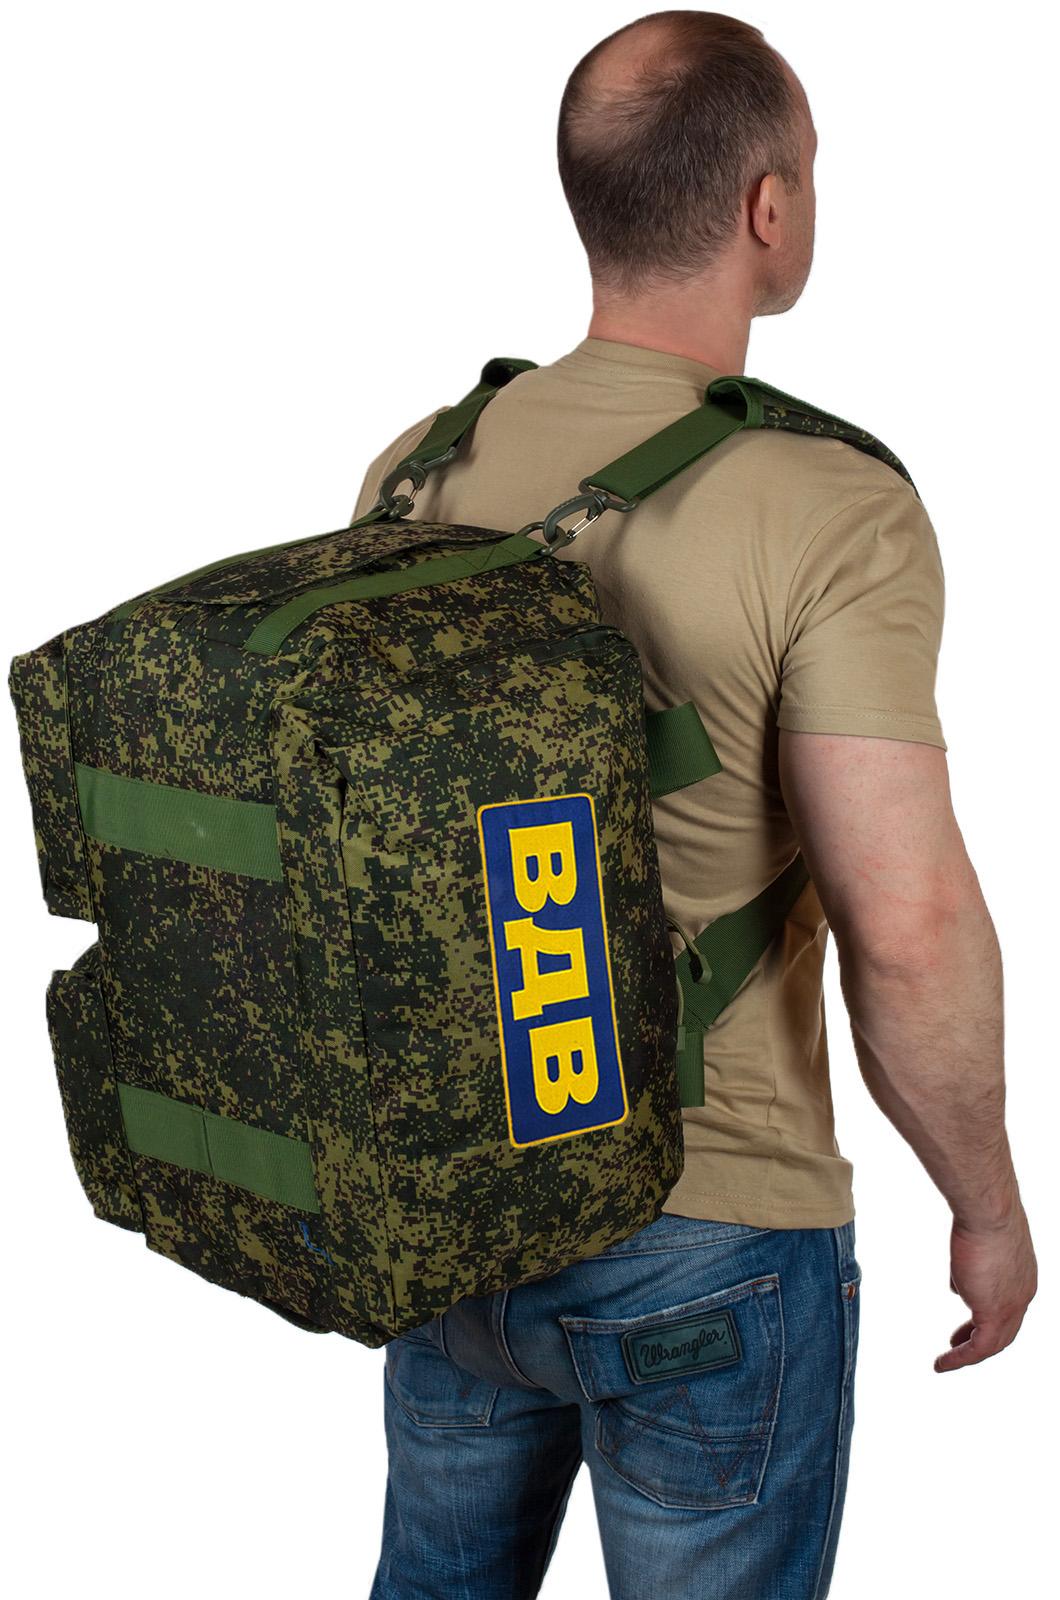 Армейские сумки и рюкзаки ВДВ – хороший выбор и такие же цены